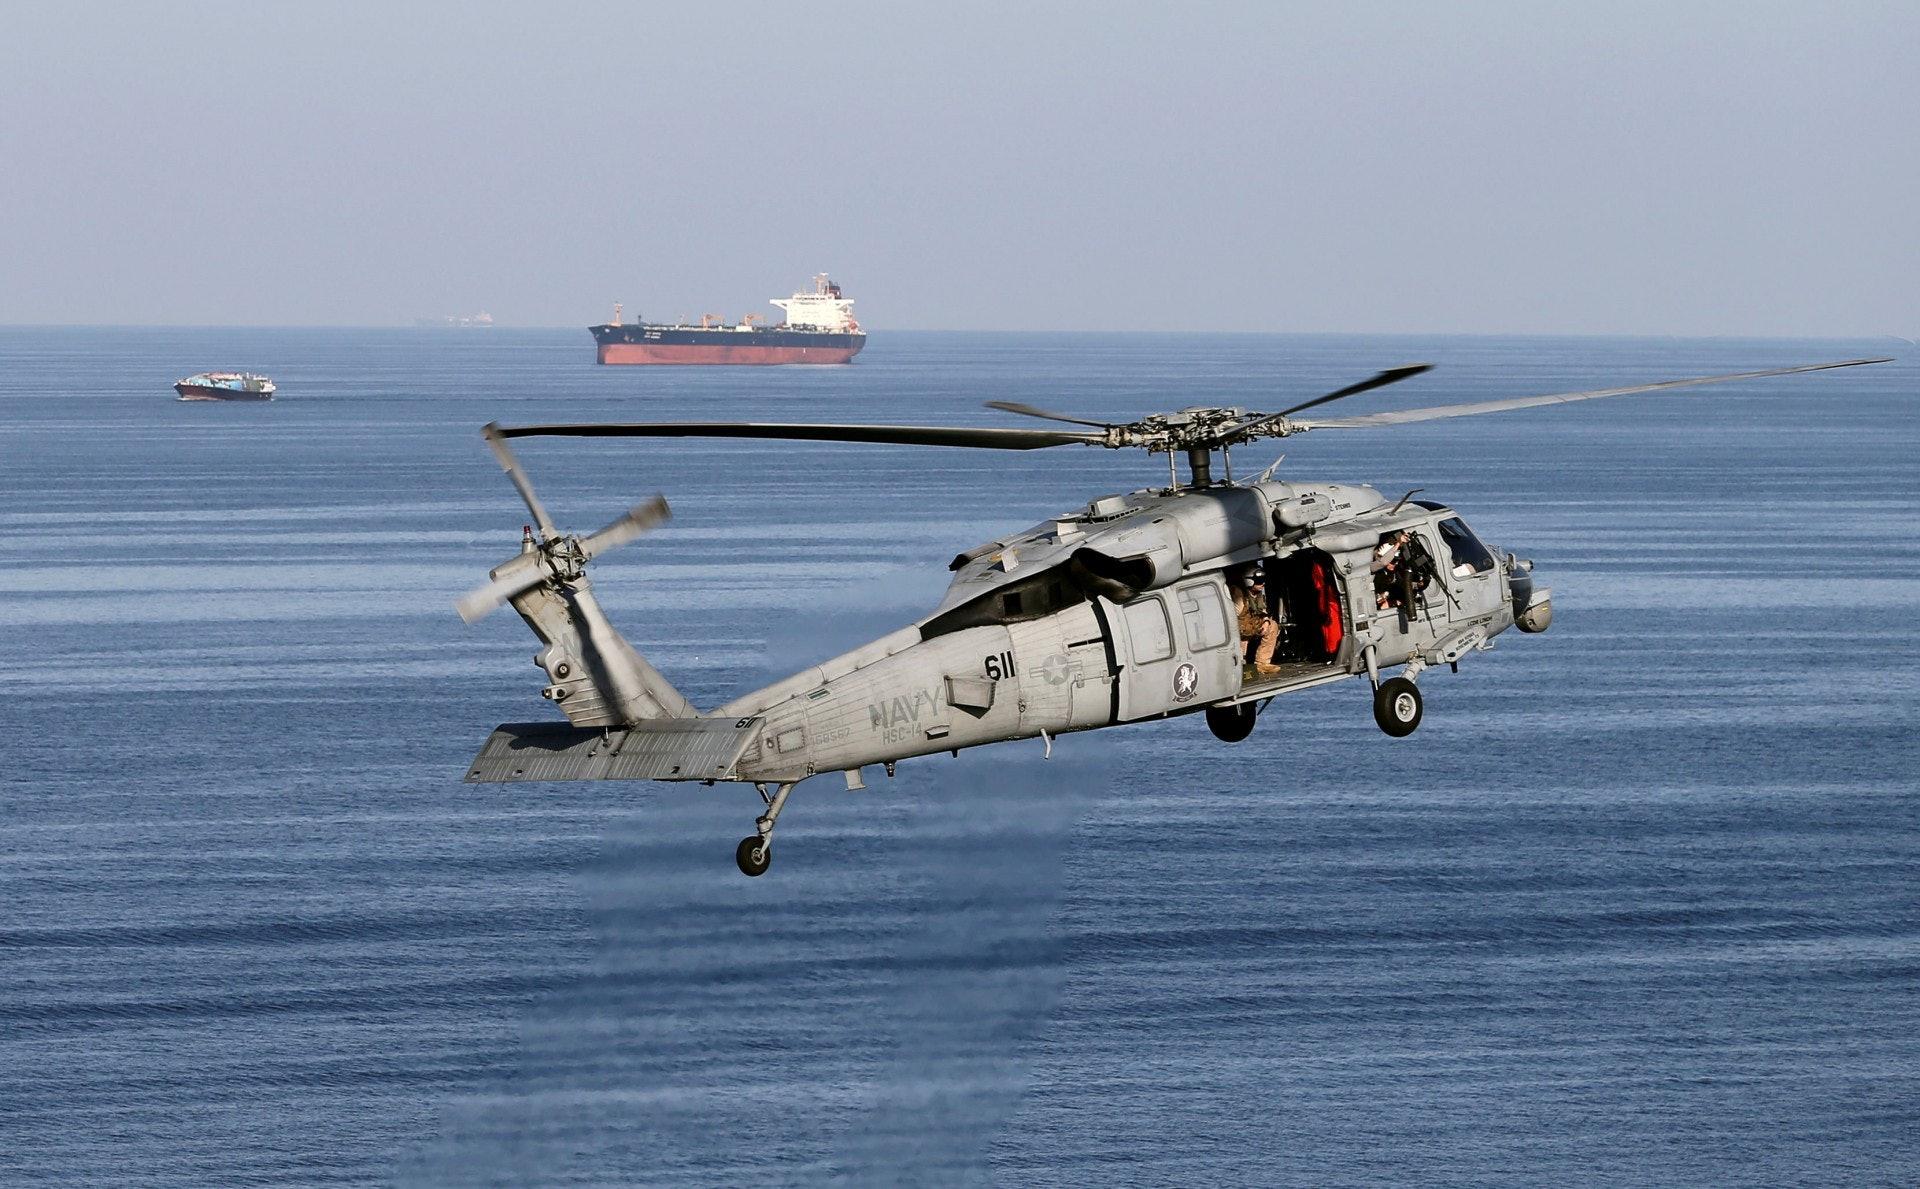 一架美國海軍直升機飛近霍爾木茲海峽,遠方可見一艘運油輪。(路透社)